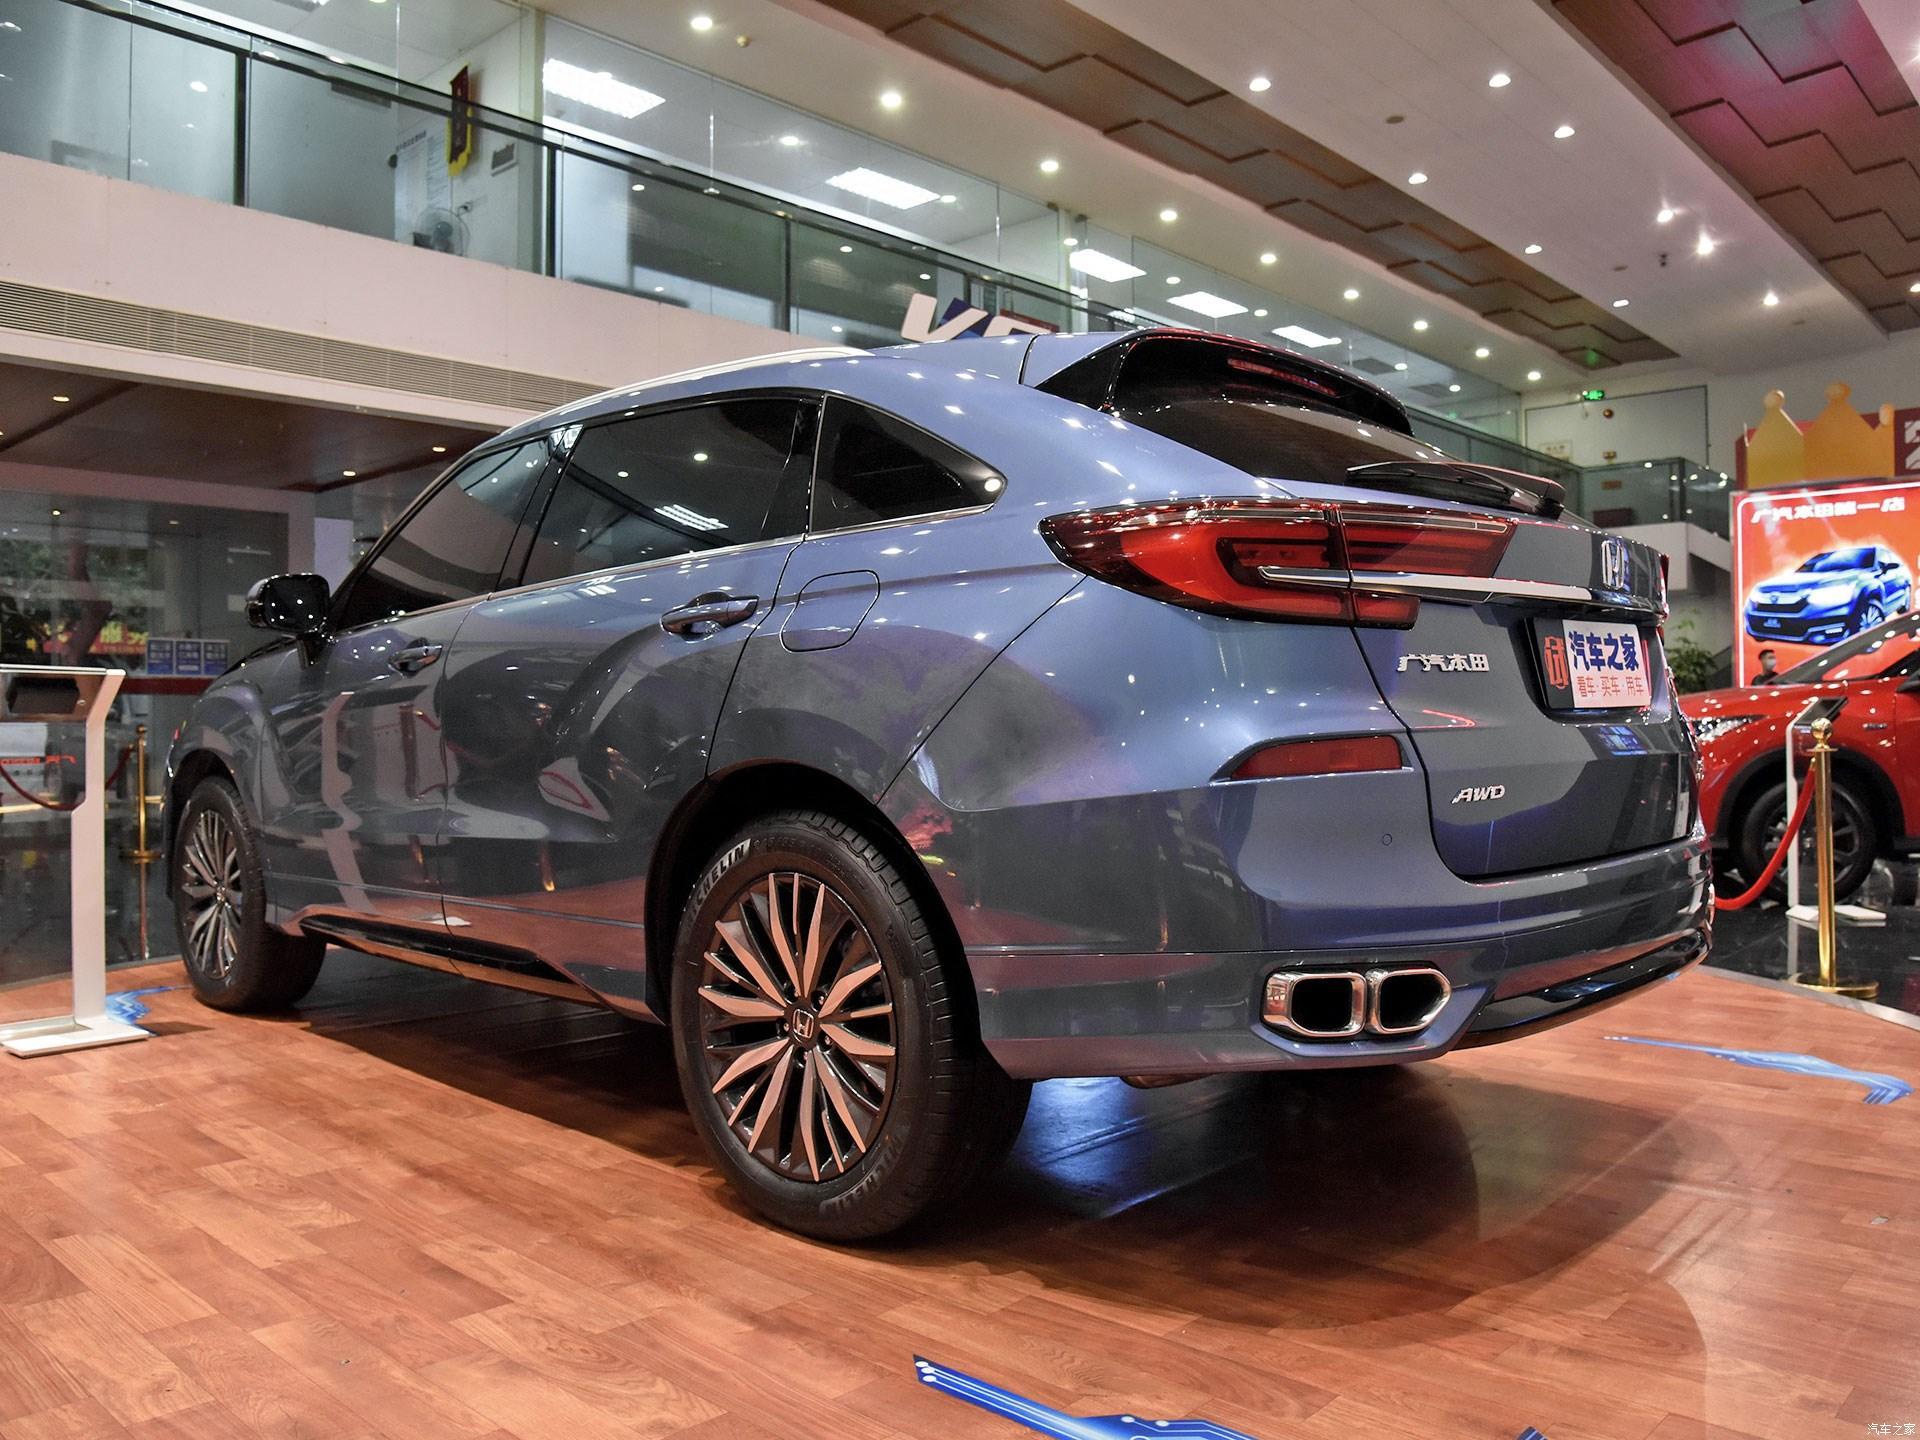 Обновленный кроссовер Honda Avancier поступил в продажу